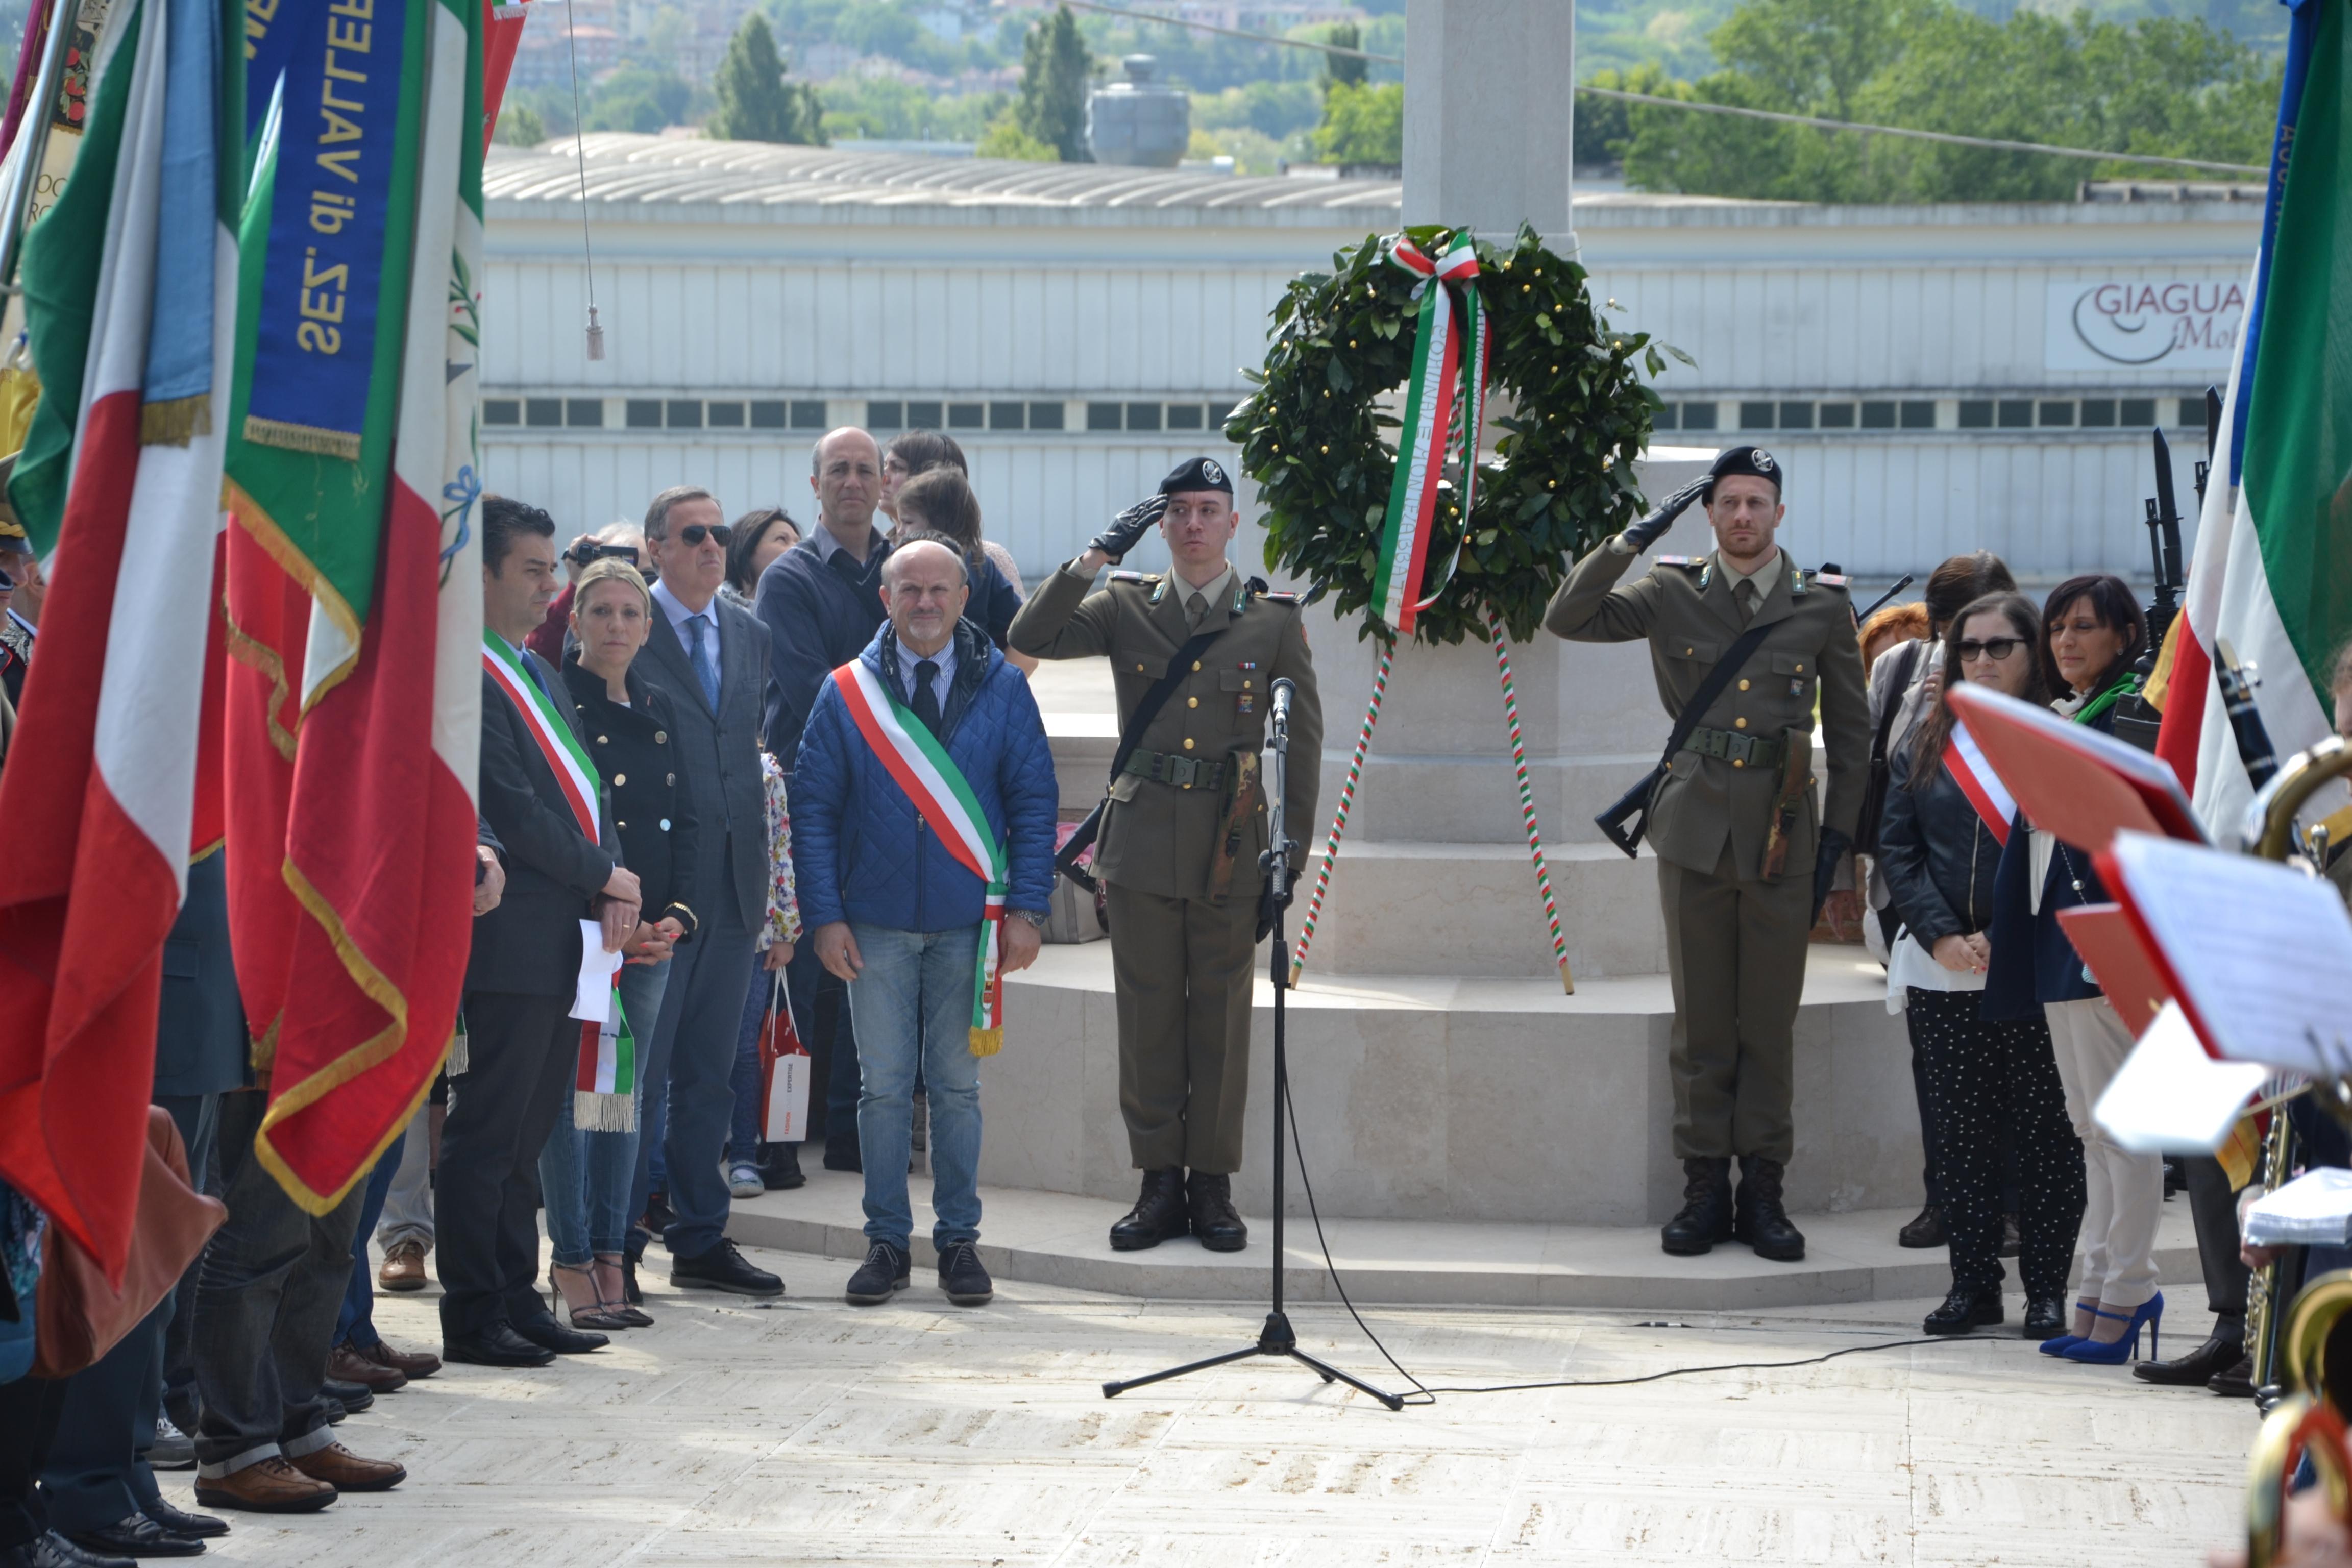 Presidente monumento ai caduti picchetto d'onore